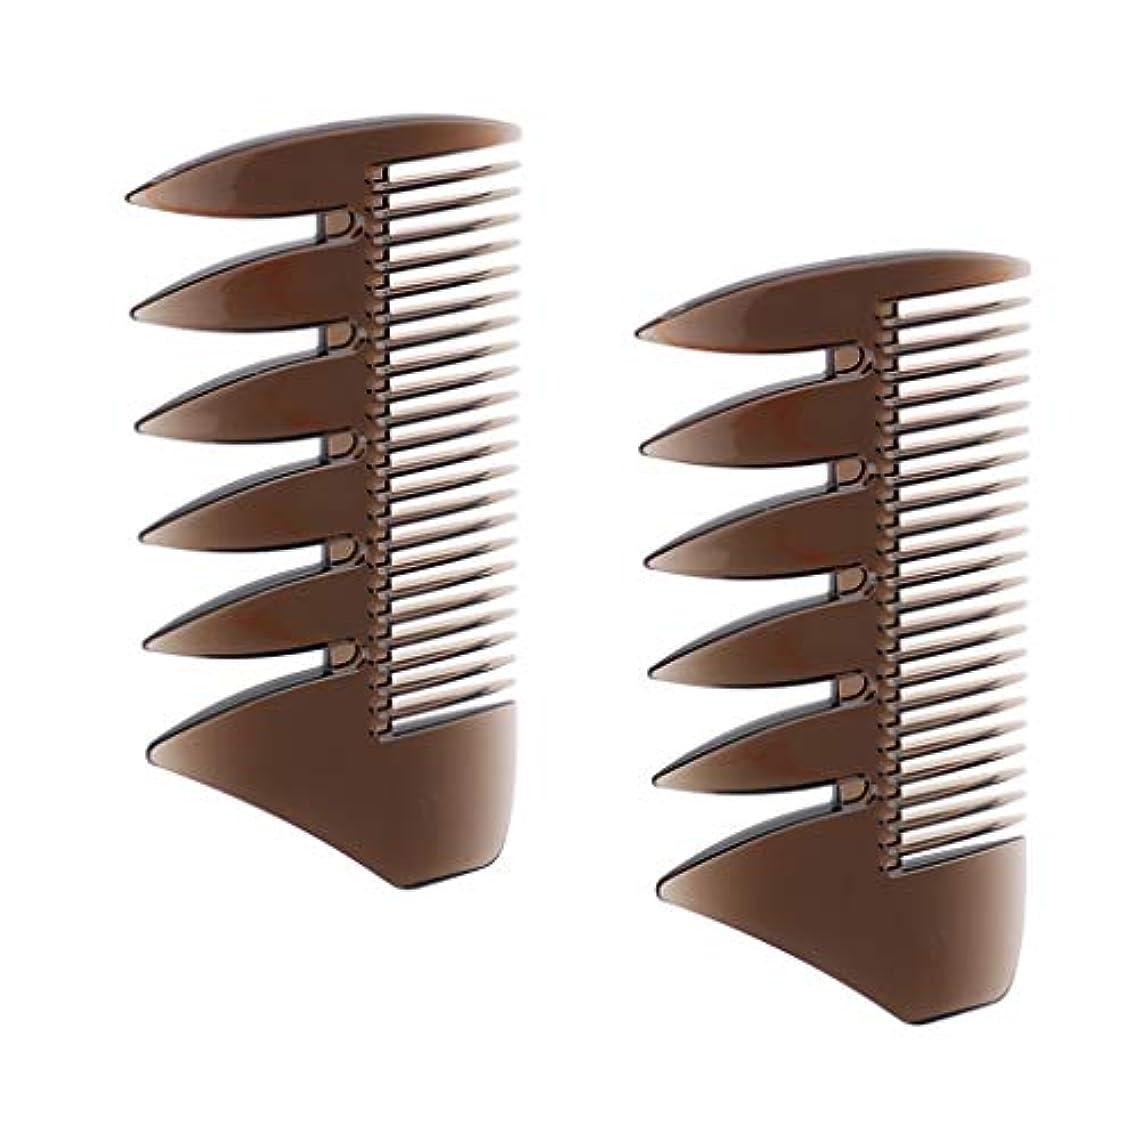 産地予算マエストロ2個 ヘアコンビ デュアルサイド メンズ オイルの髪 櫛 ヘアサロン ヘアスタイリング